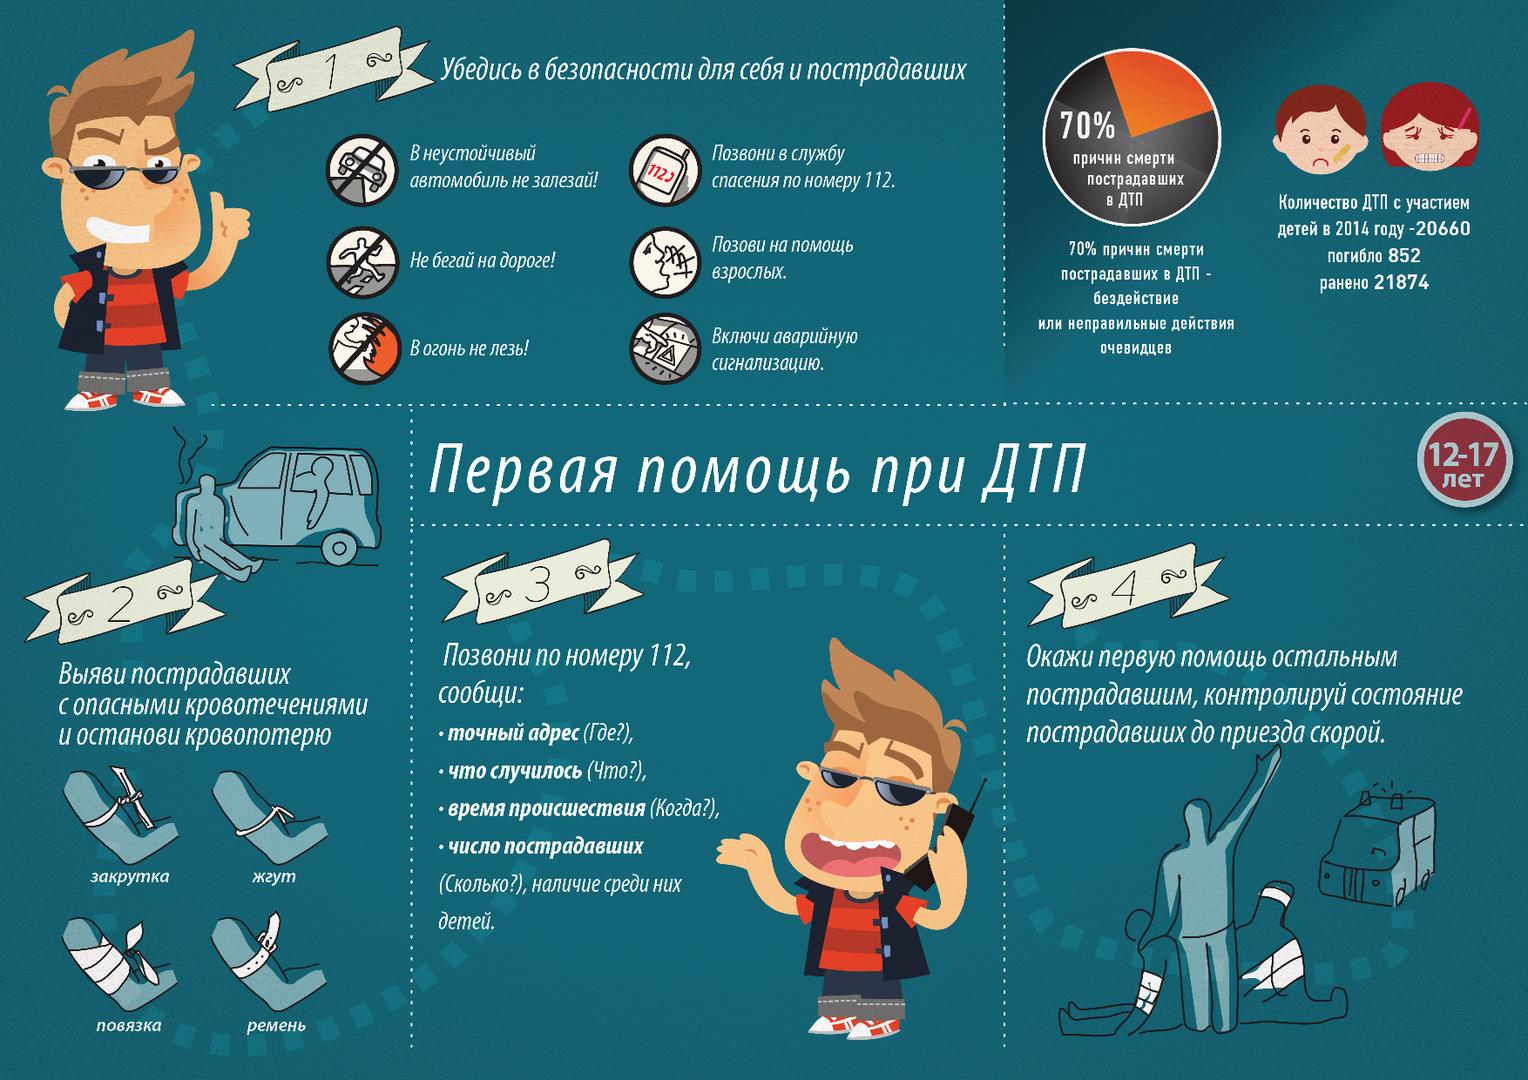 Инфографика с алгоритмом действий при ДТП